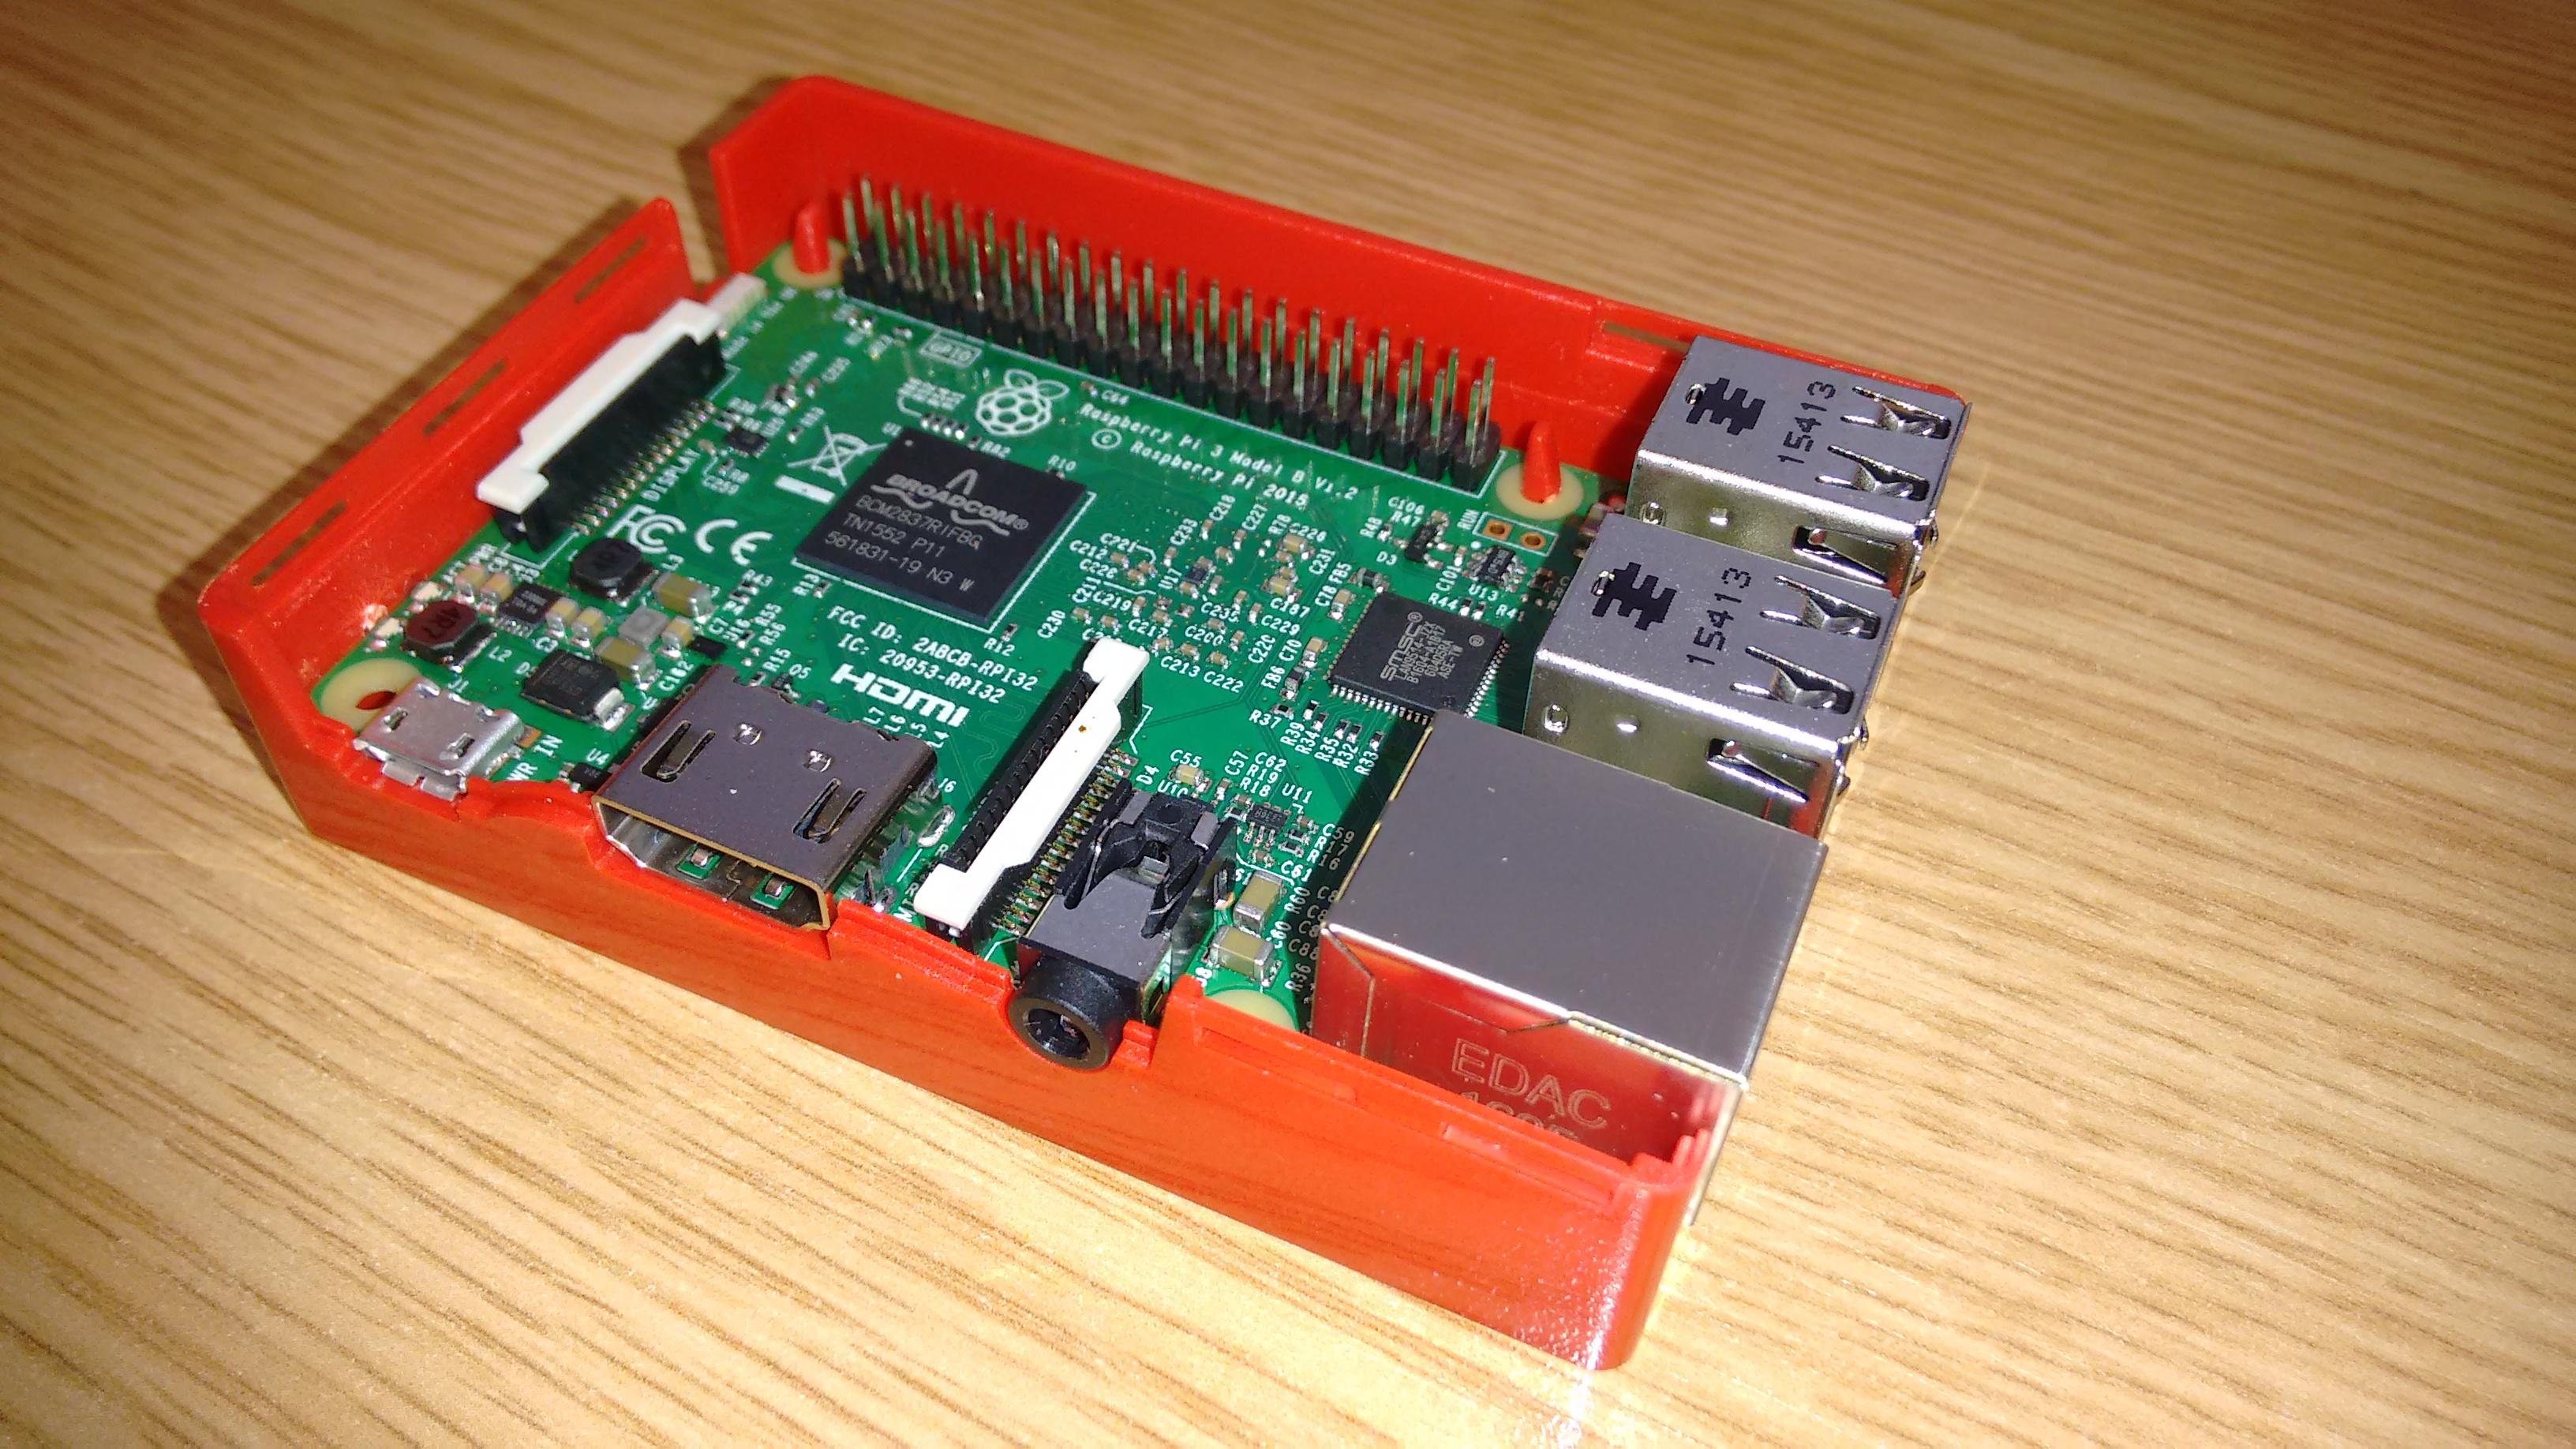 Cased Raspberry Pi Open